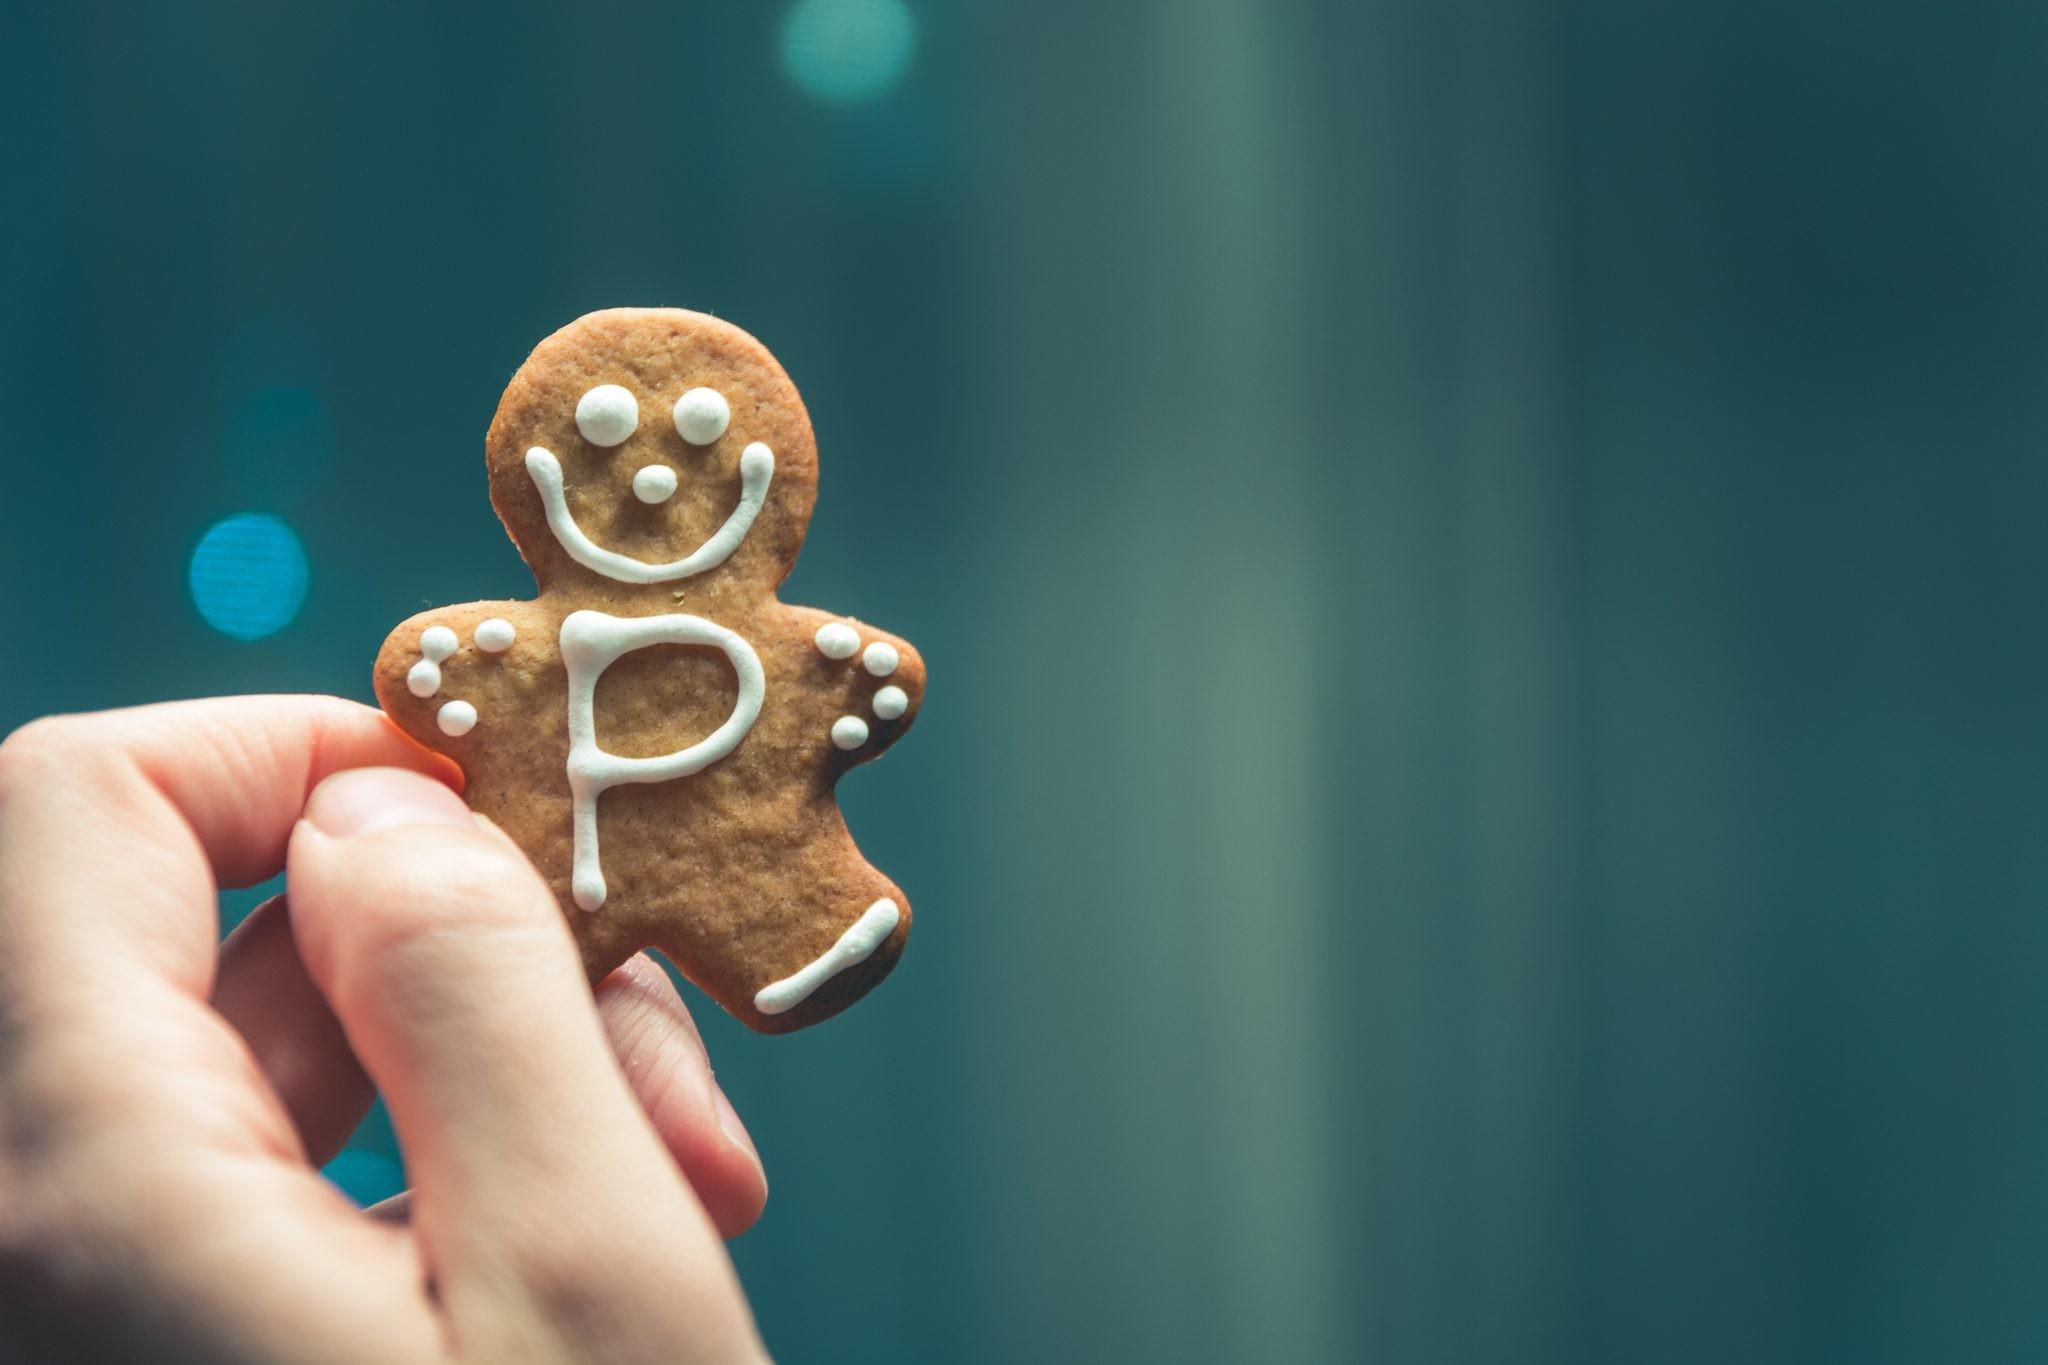 Новогоднее имбирное печенье: 8 простых рецептов